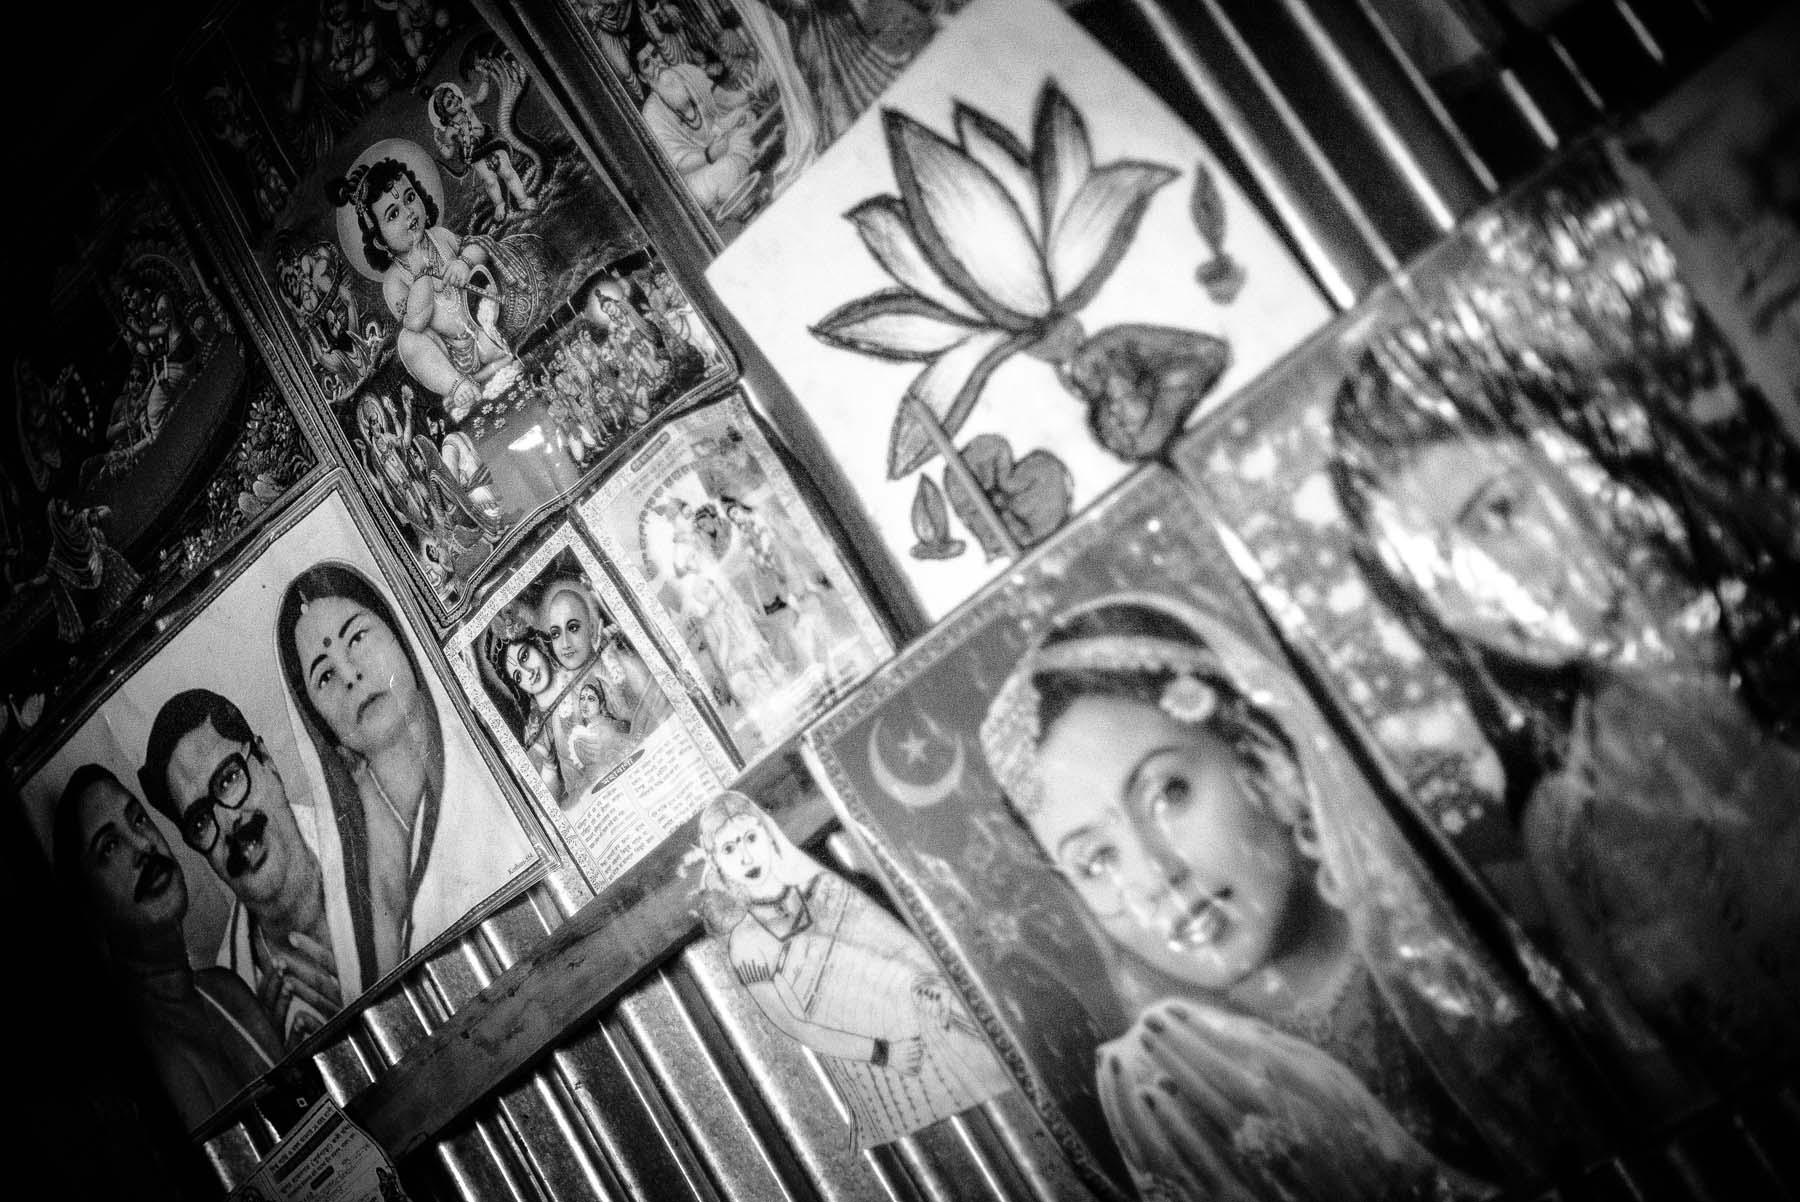 Jules_toulet_bangladesh-4